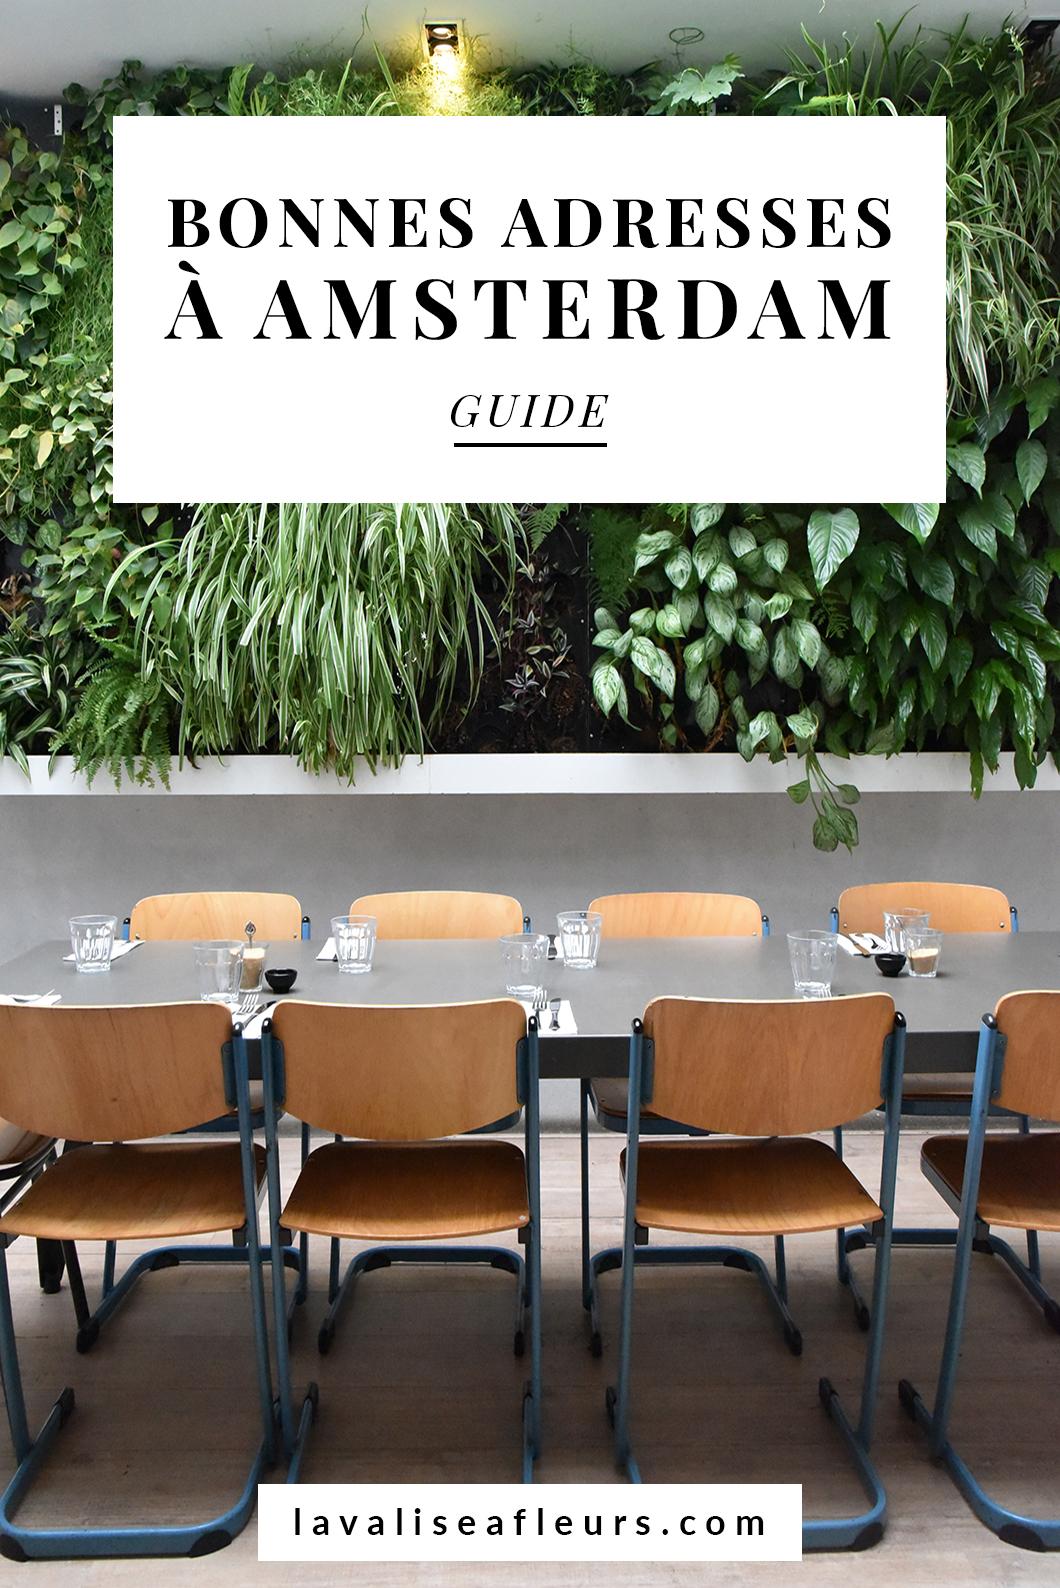 Guide des bonnes adresses à Amsterdam